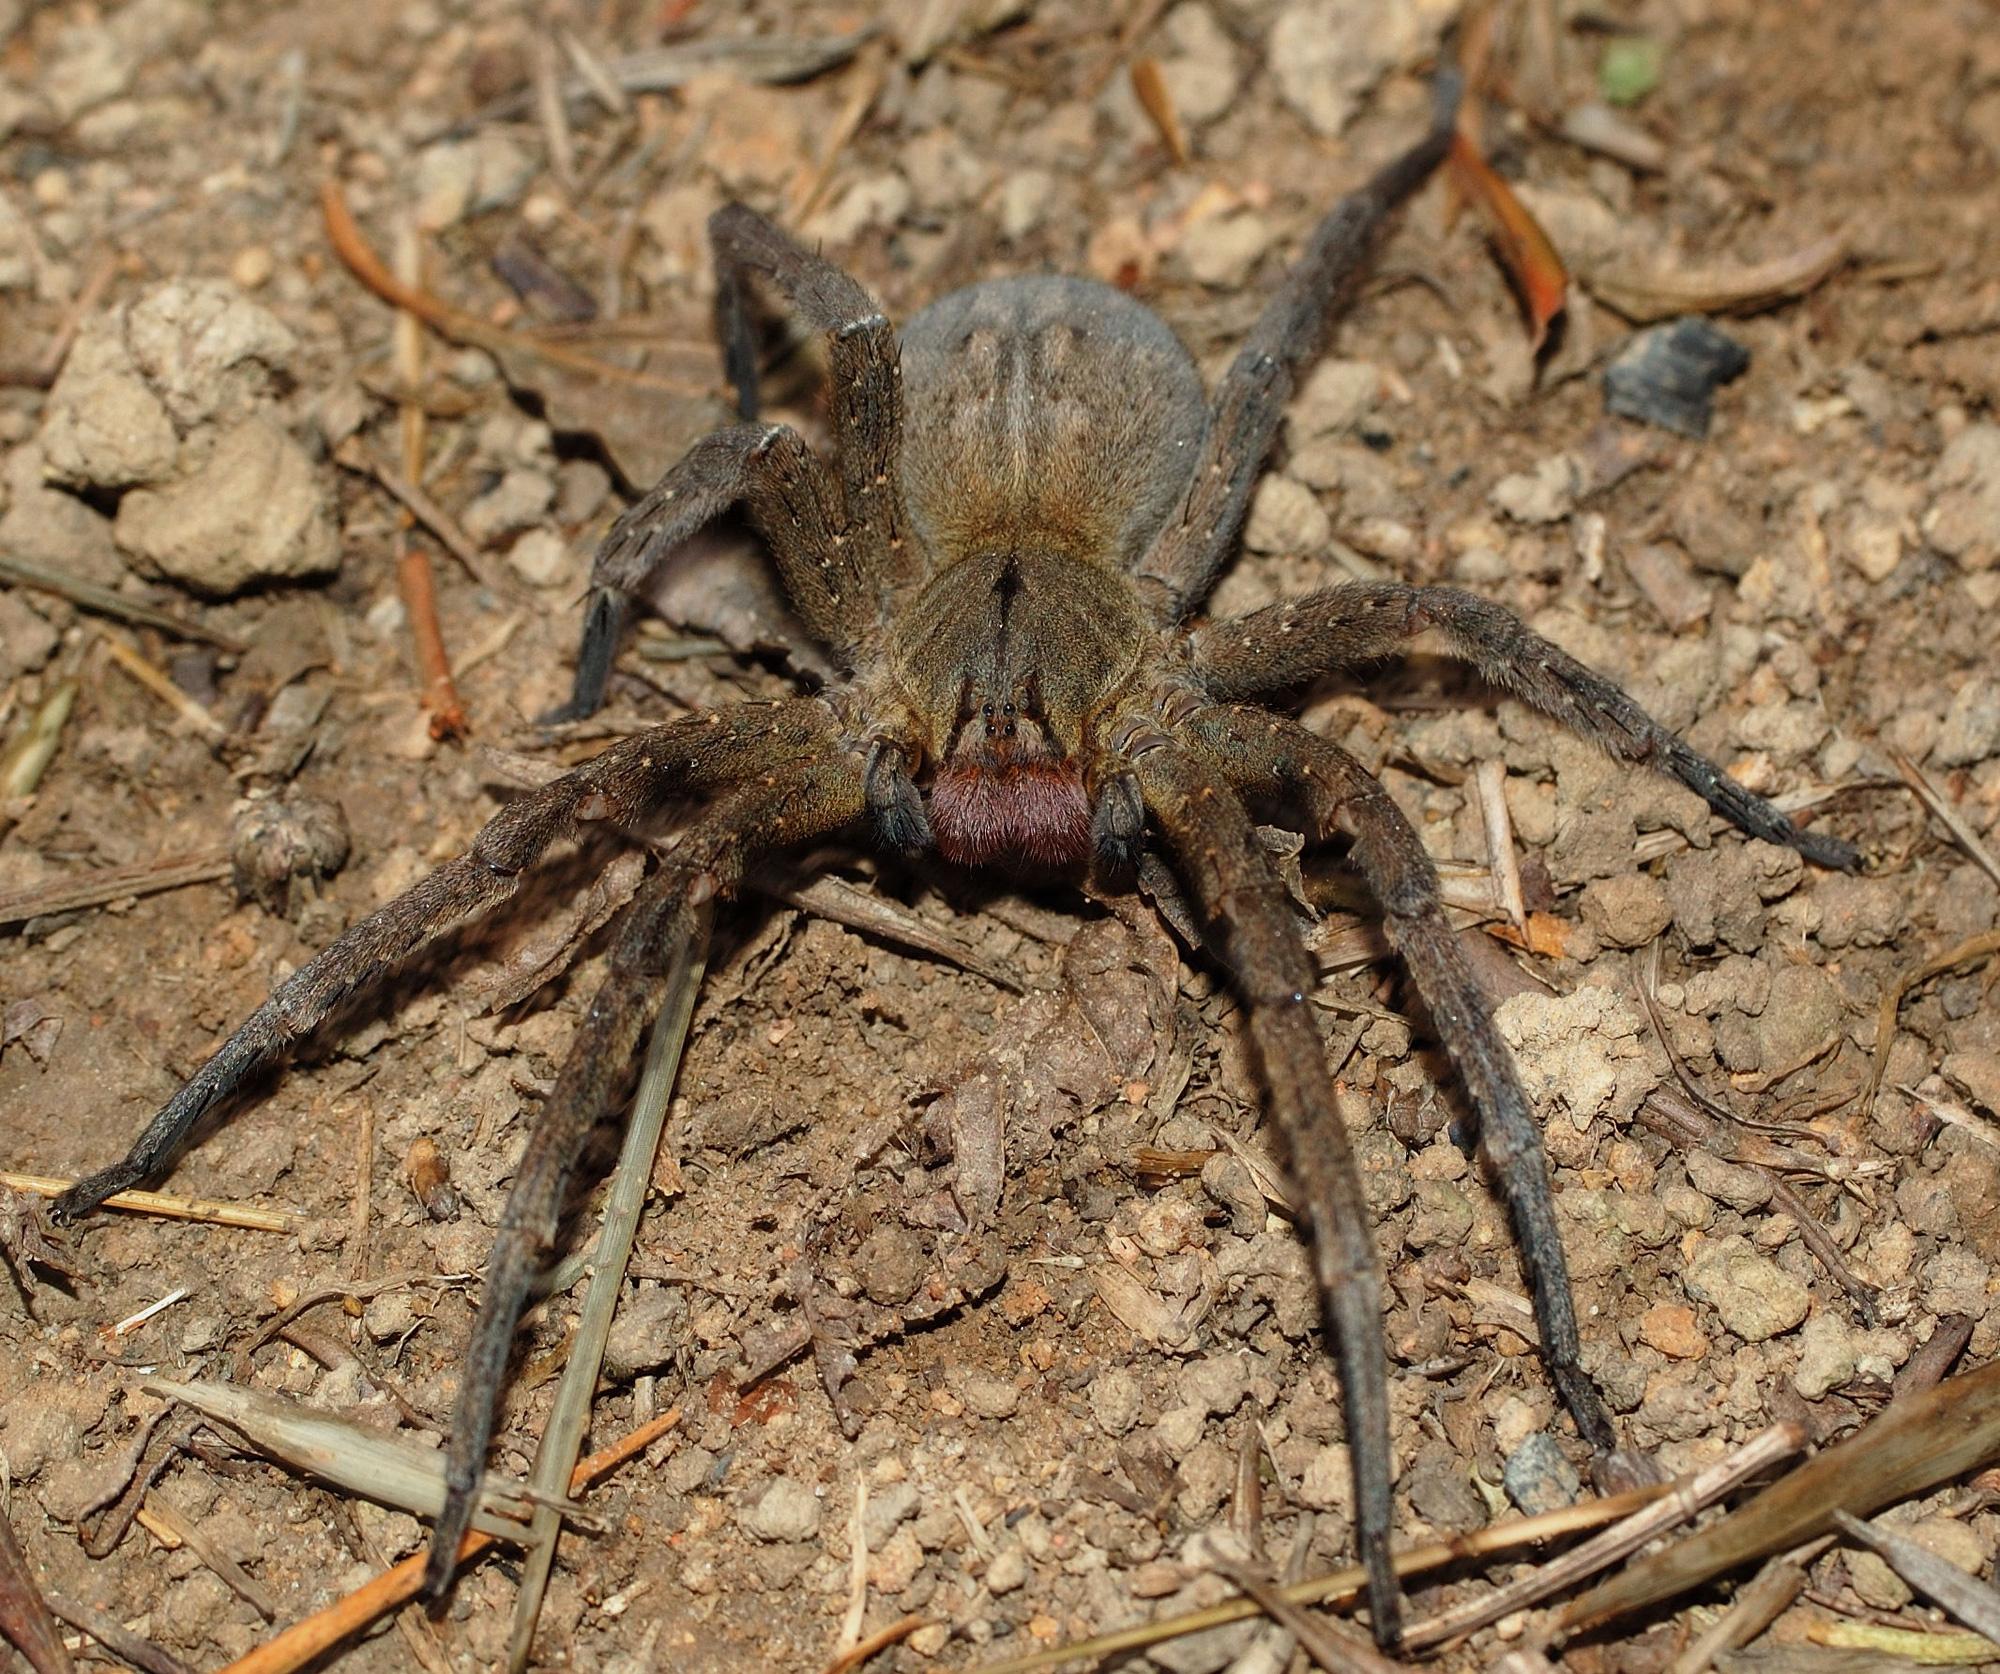 Cận cảnh loài nhện độc nhất thế giới có thể hạ gục người chỉ trong một vết cắn - Ảnh 3.